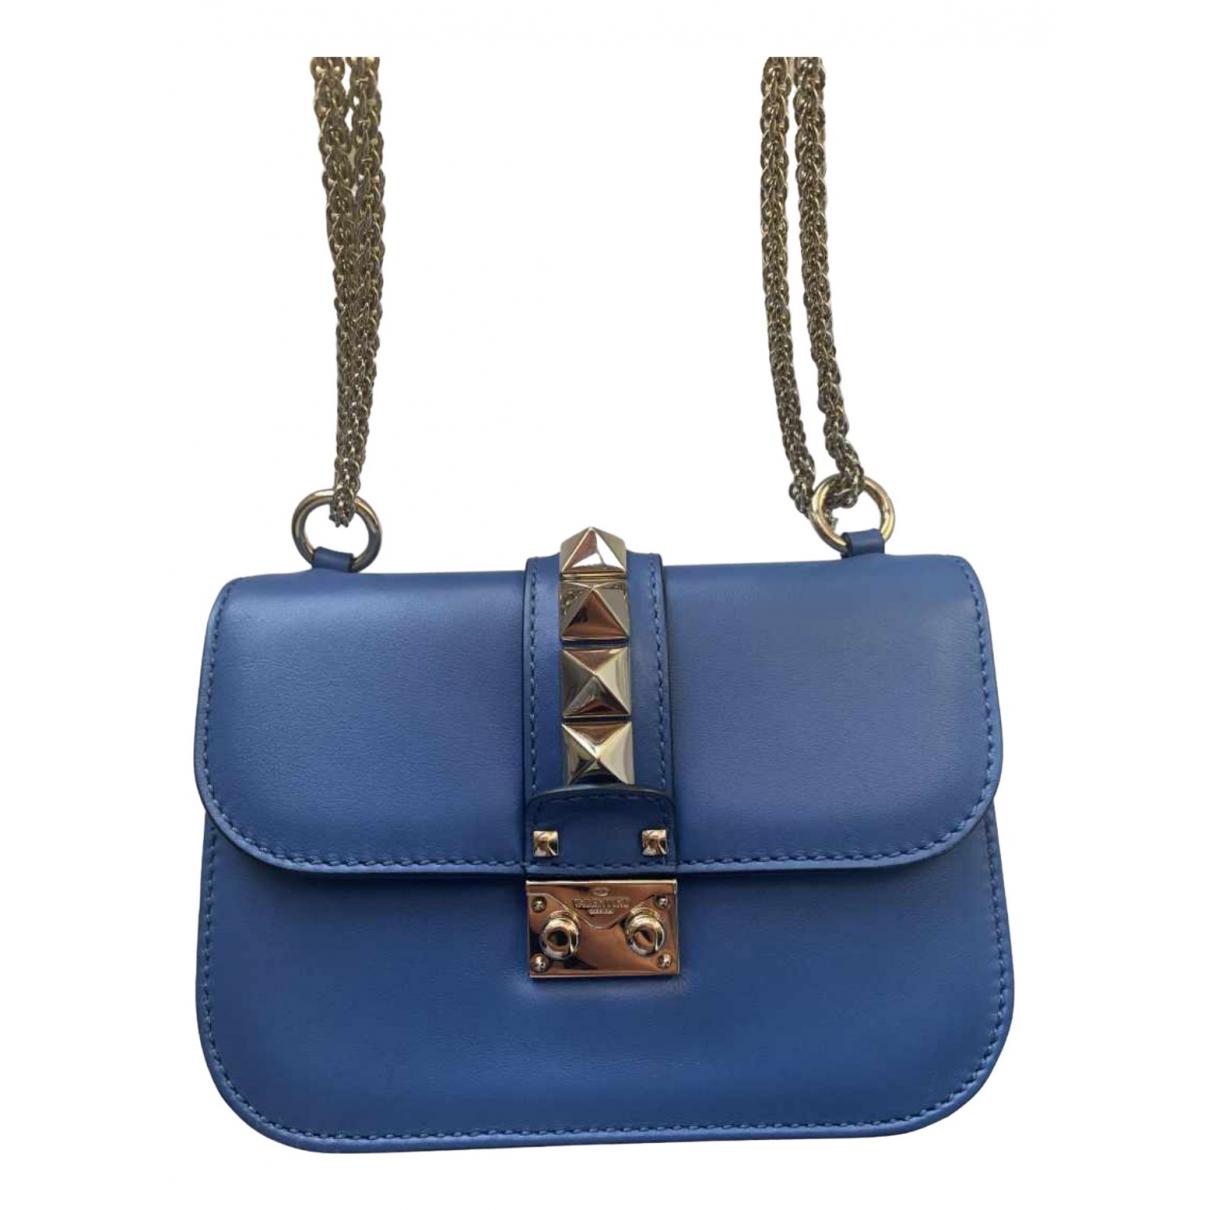 Valentino Garavani Glam Lock Handtasche in  Blau Leder